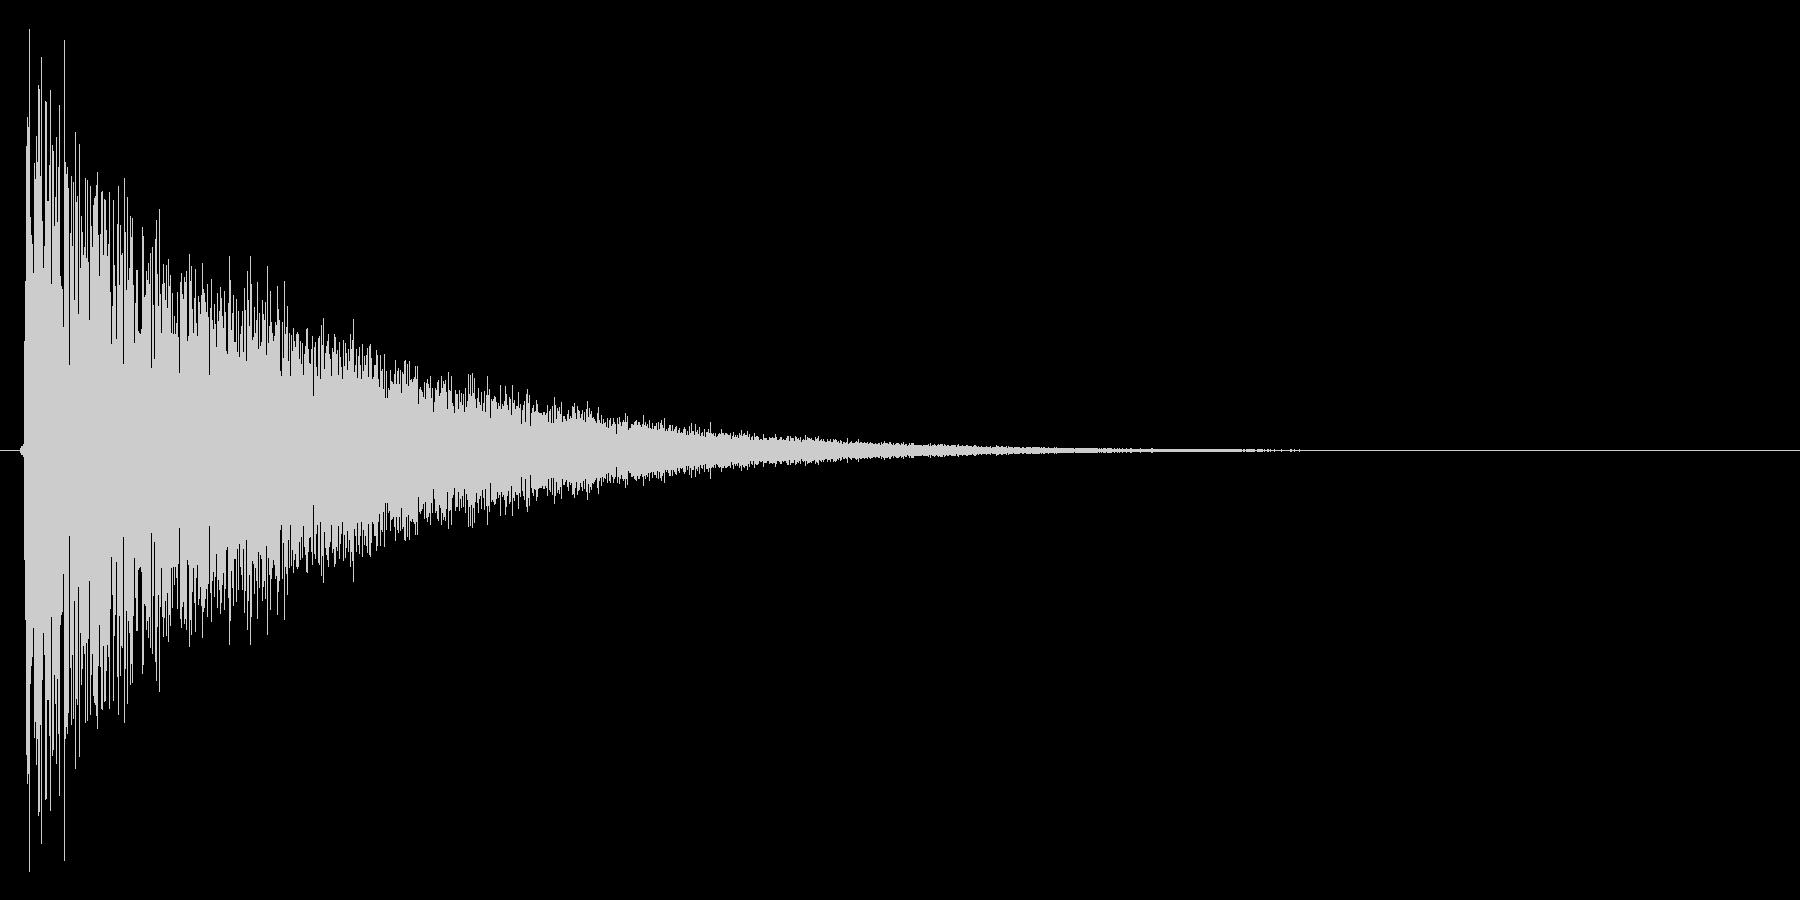 シュイーン!(消滅、風、スライディング)の未再生の波形